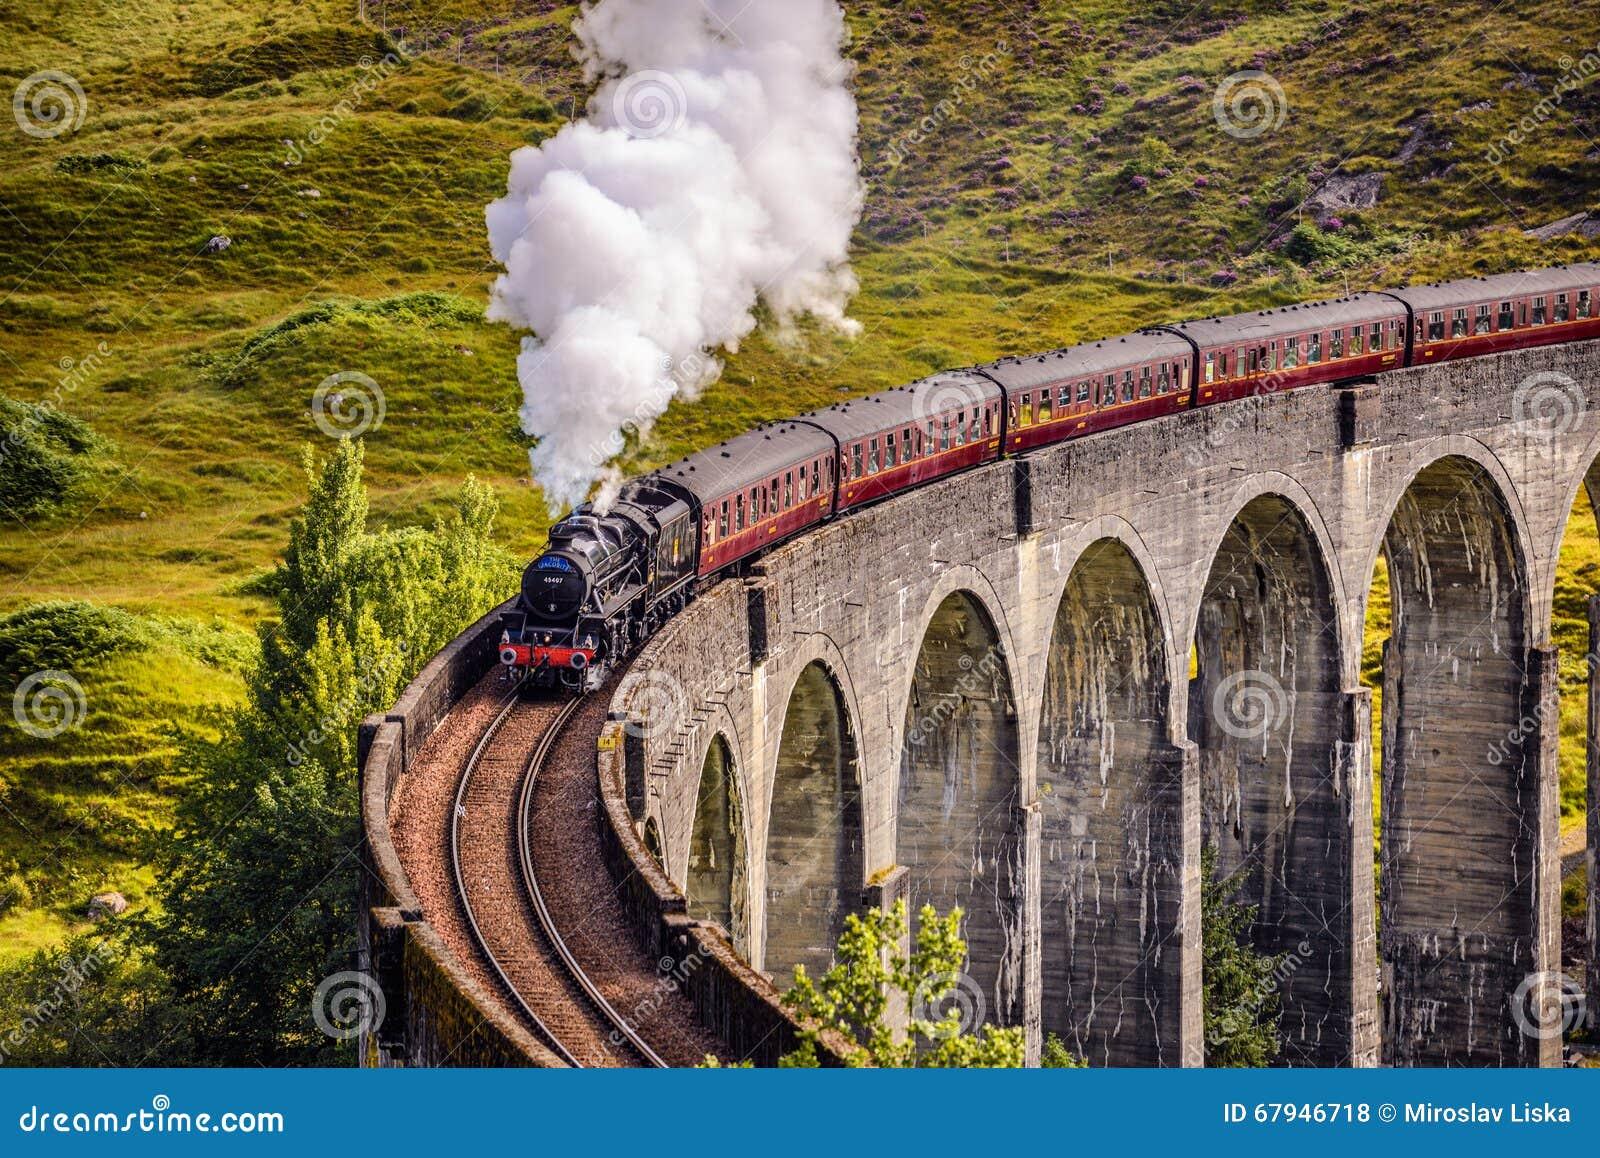 Viaduto Railway de Glenfinnan em Escócia com um trem do vapor